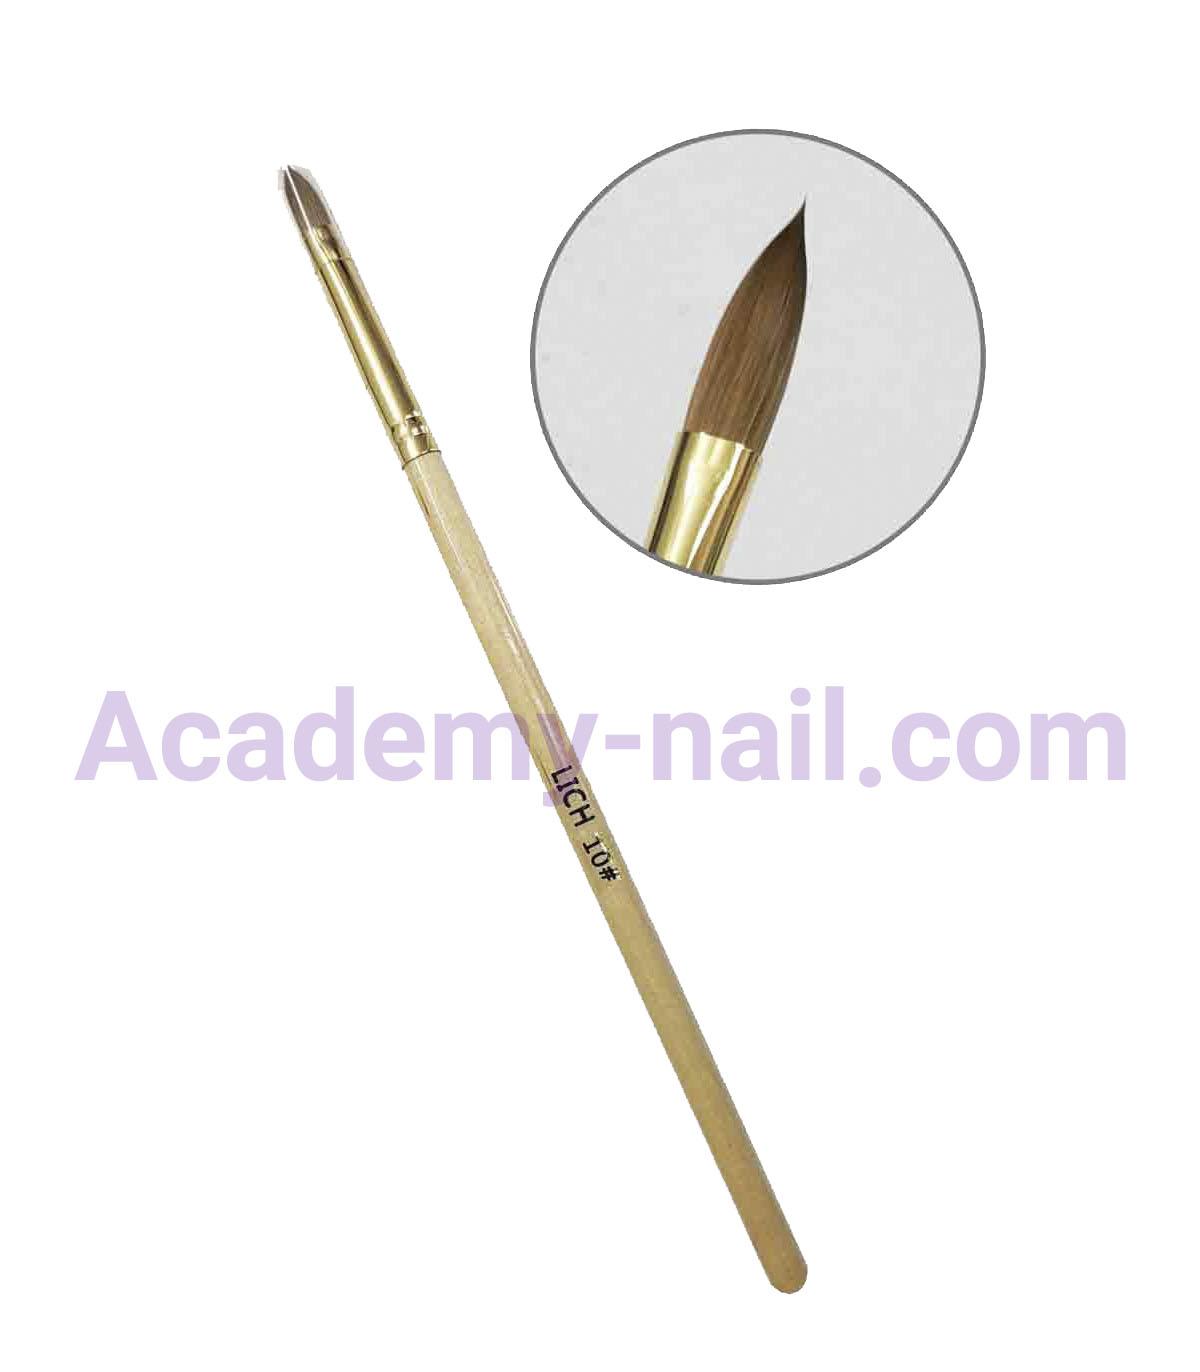 قلم کاشت ناخن اکرلیک - وسایل کاشت ناخن | نیل آکادمی